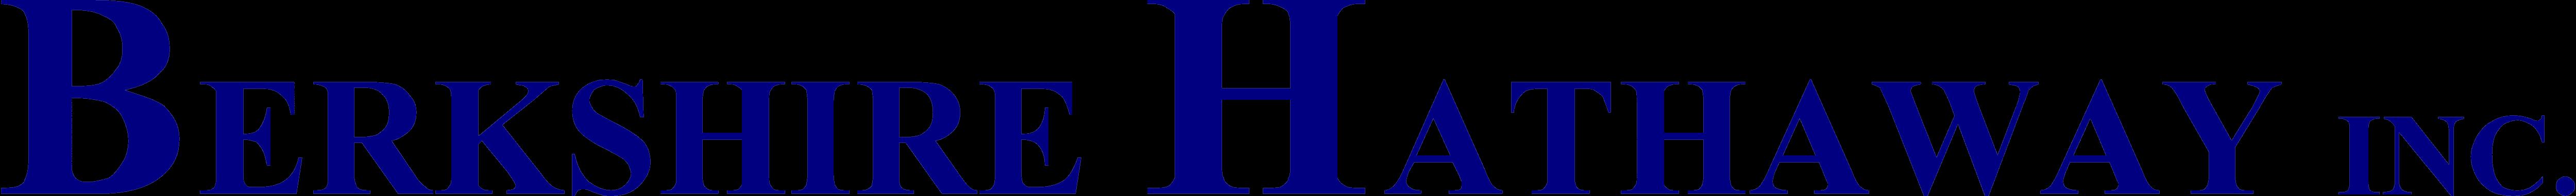 Berkshire Hathaway (NYSE:BRK.B) Company Logo